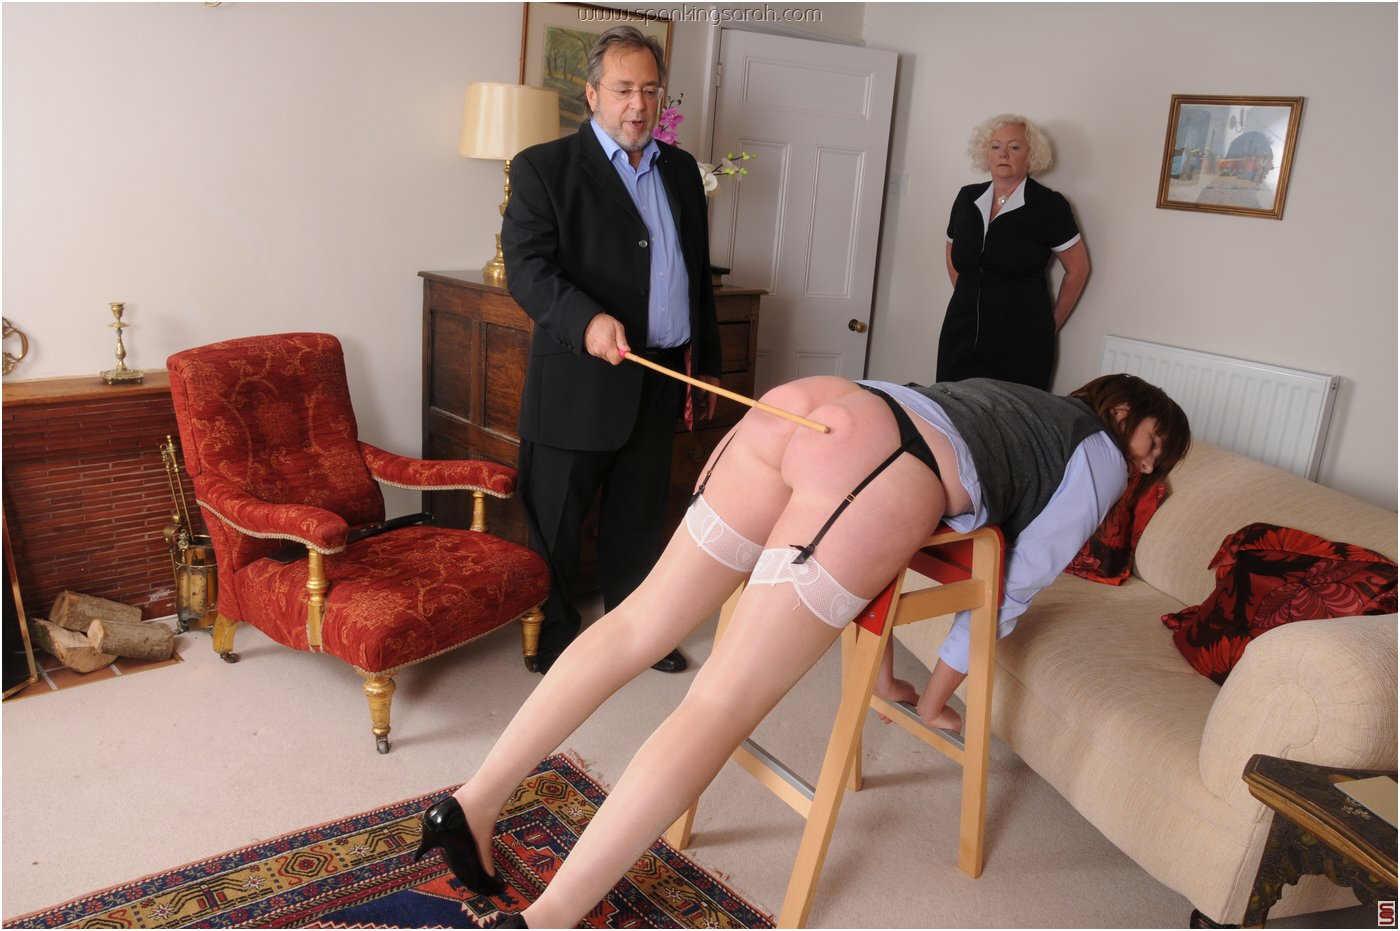 Amateur Spanking: Unladylike